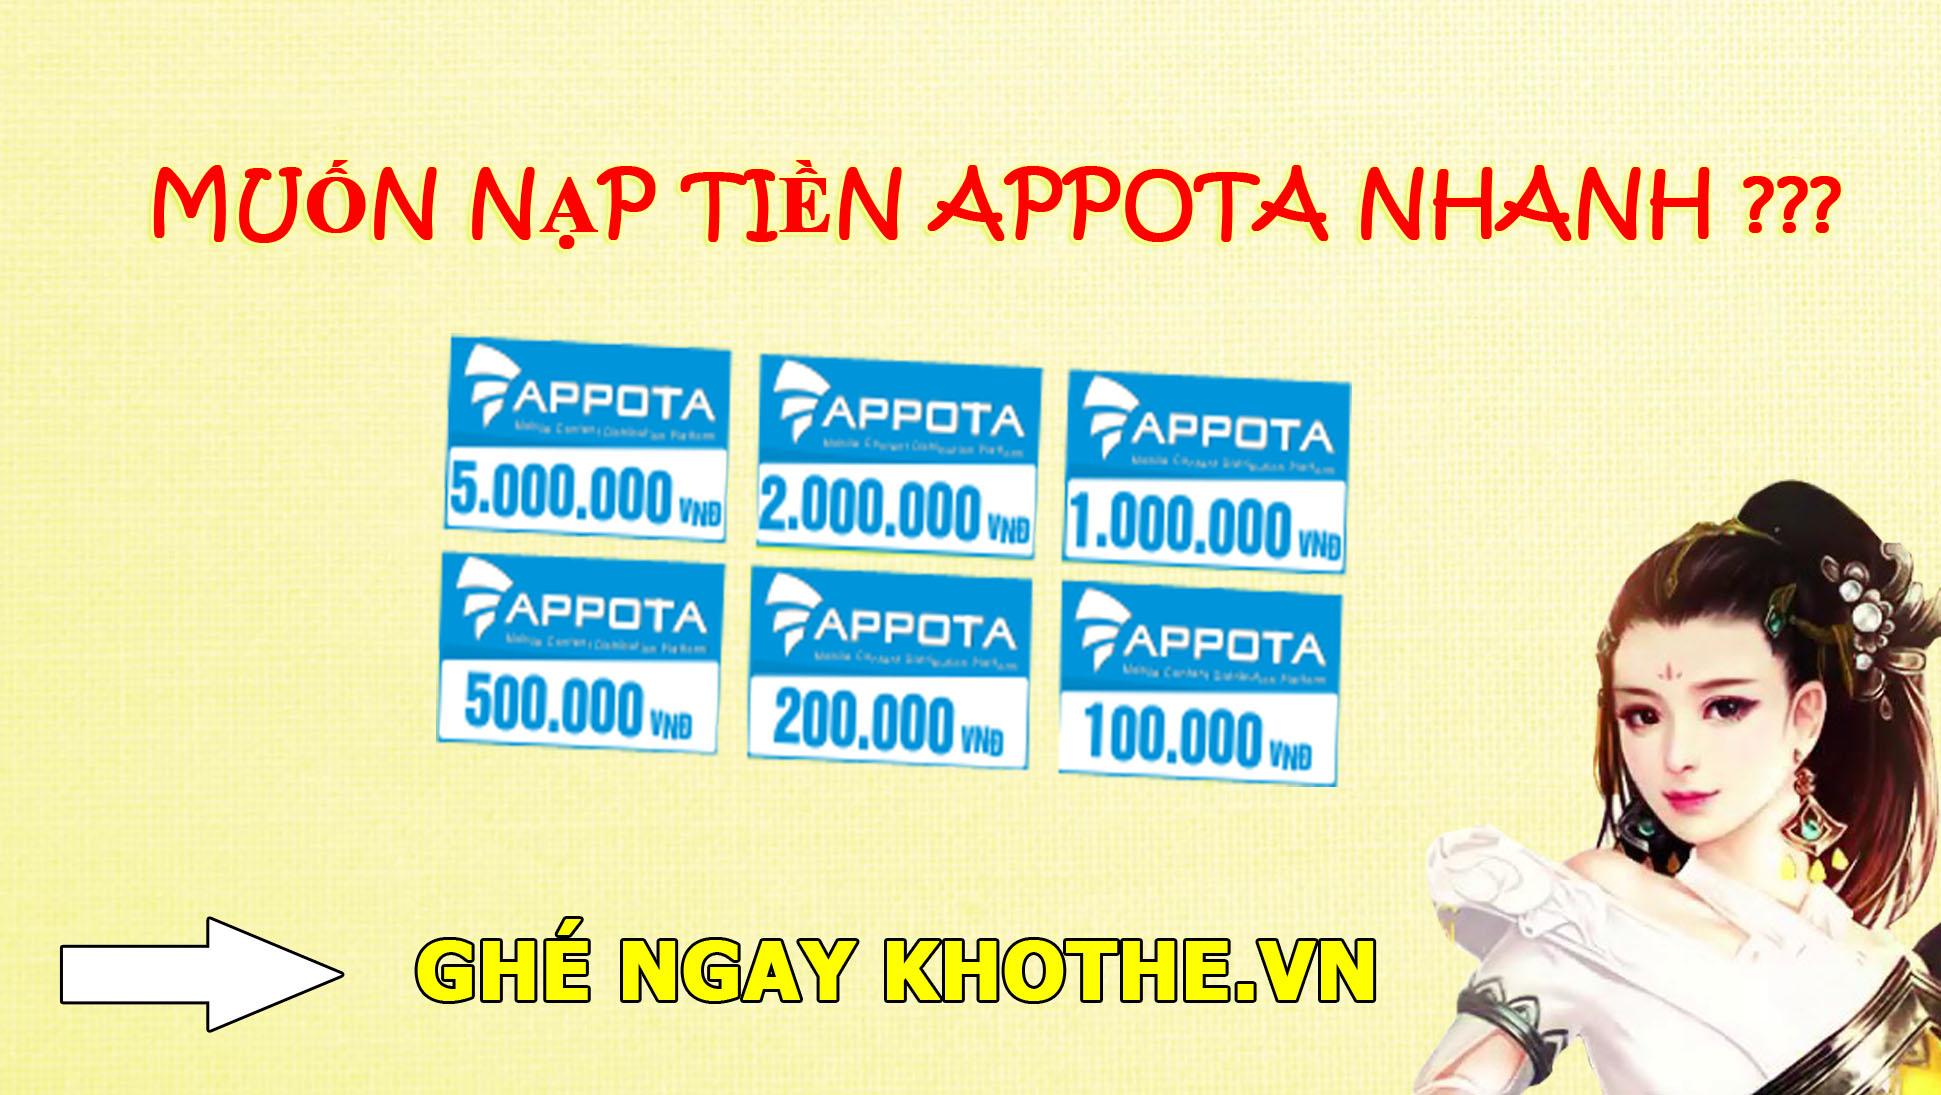 Nạp tiền appota nhanh chóng qua mua thẻ appota tại Khothe.vn